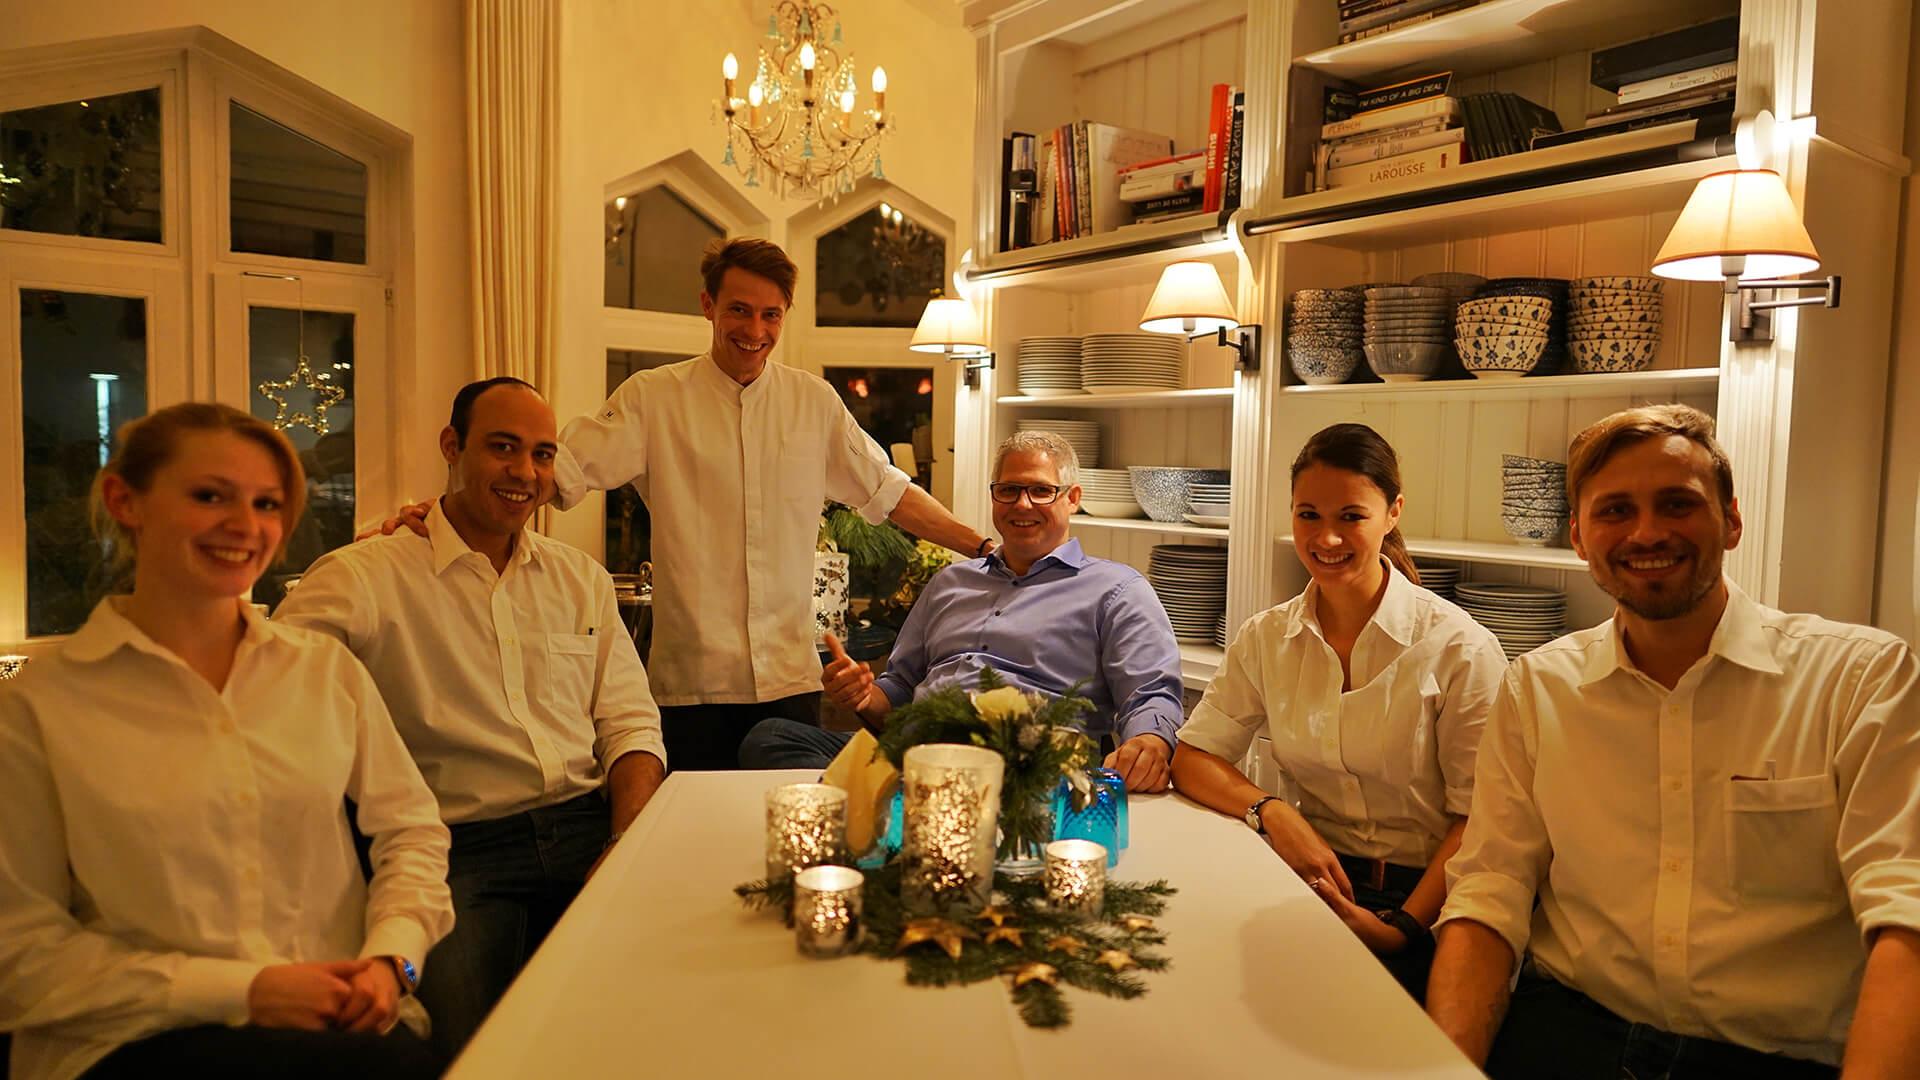 Das Team aus dem Restaurant Waldschlösschen